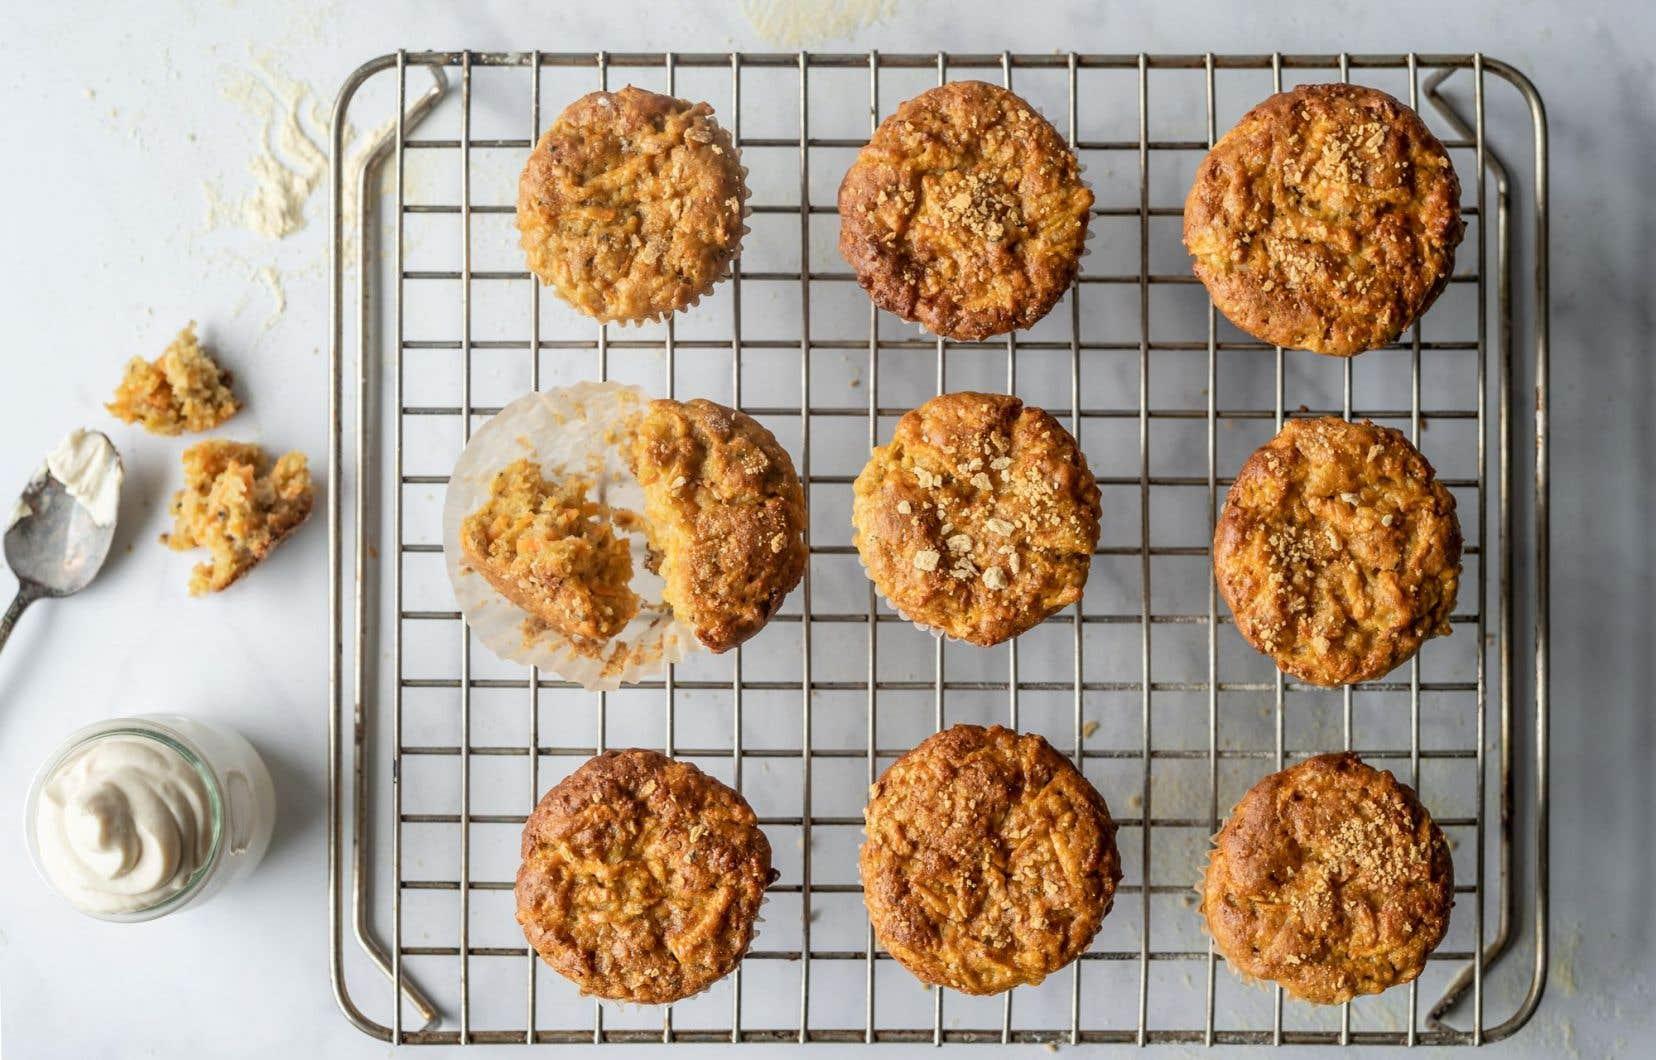 Ces petits gâteaux remplacent les épices habituelles du classique gâteau aux carottes par des «parfums du Québec».